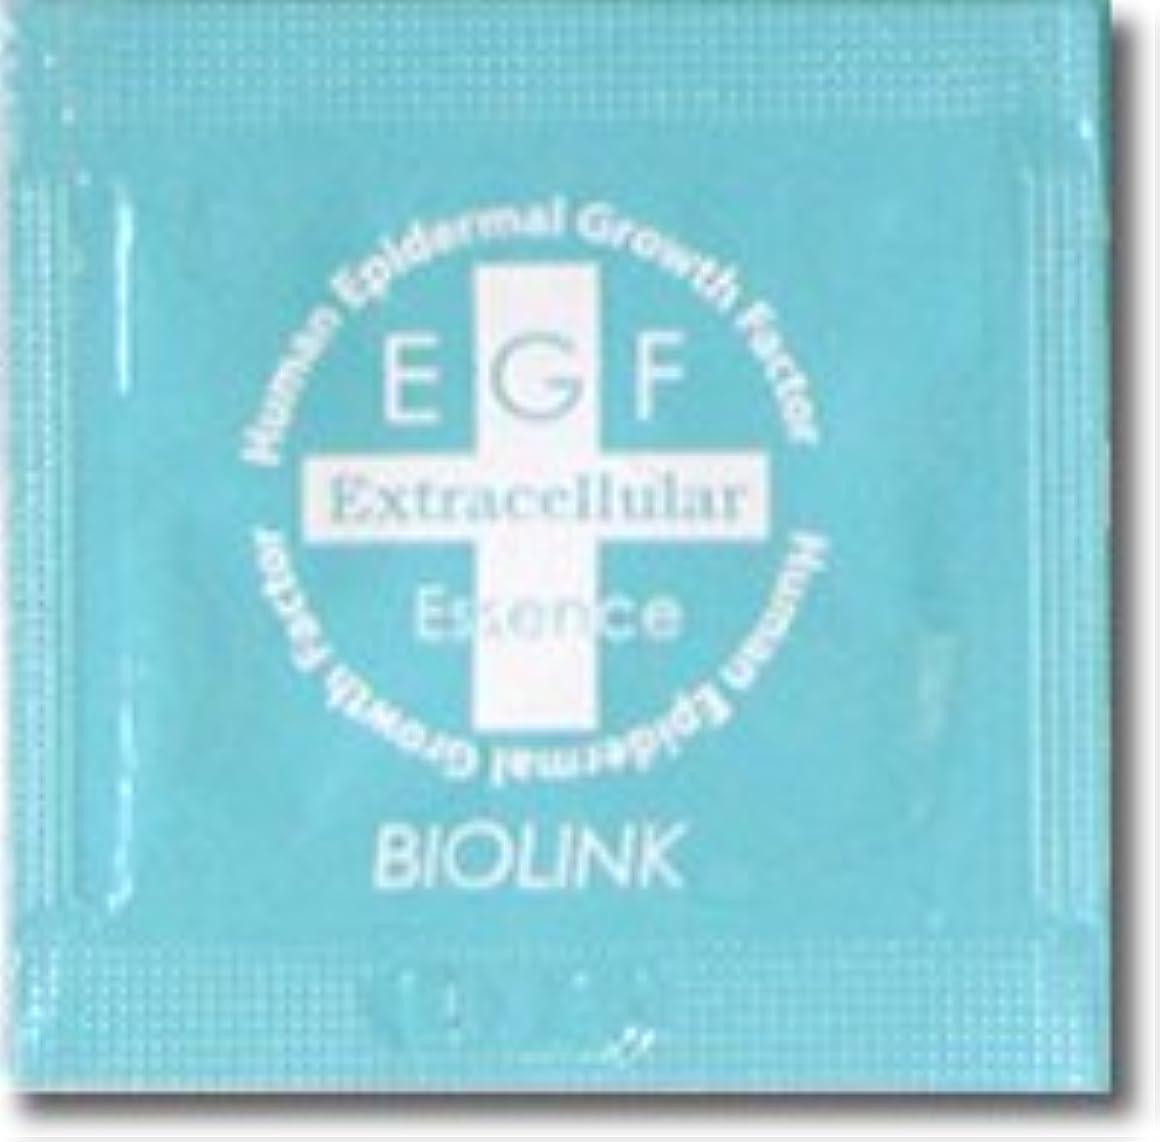 積極的に保持するなすバイオリンク EGF エクストラエッセンス 分包 100個+10個おまけ付きセット